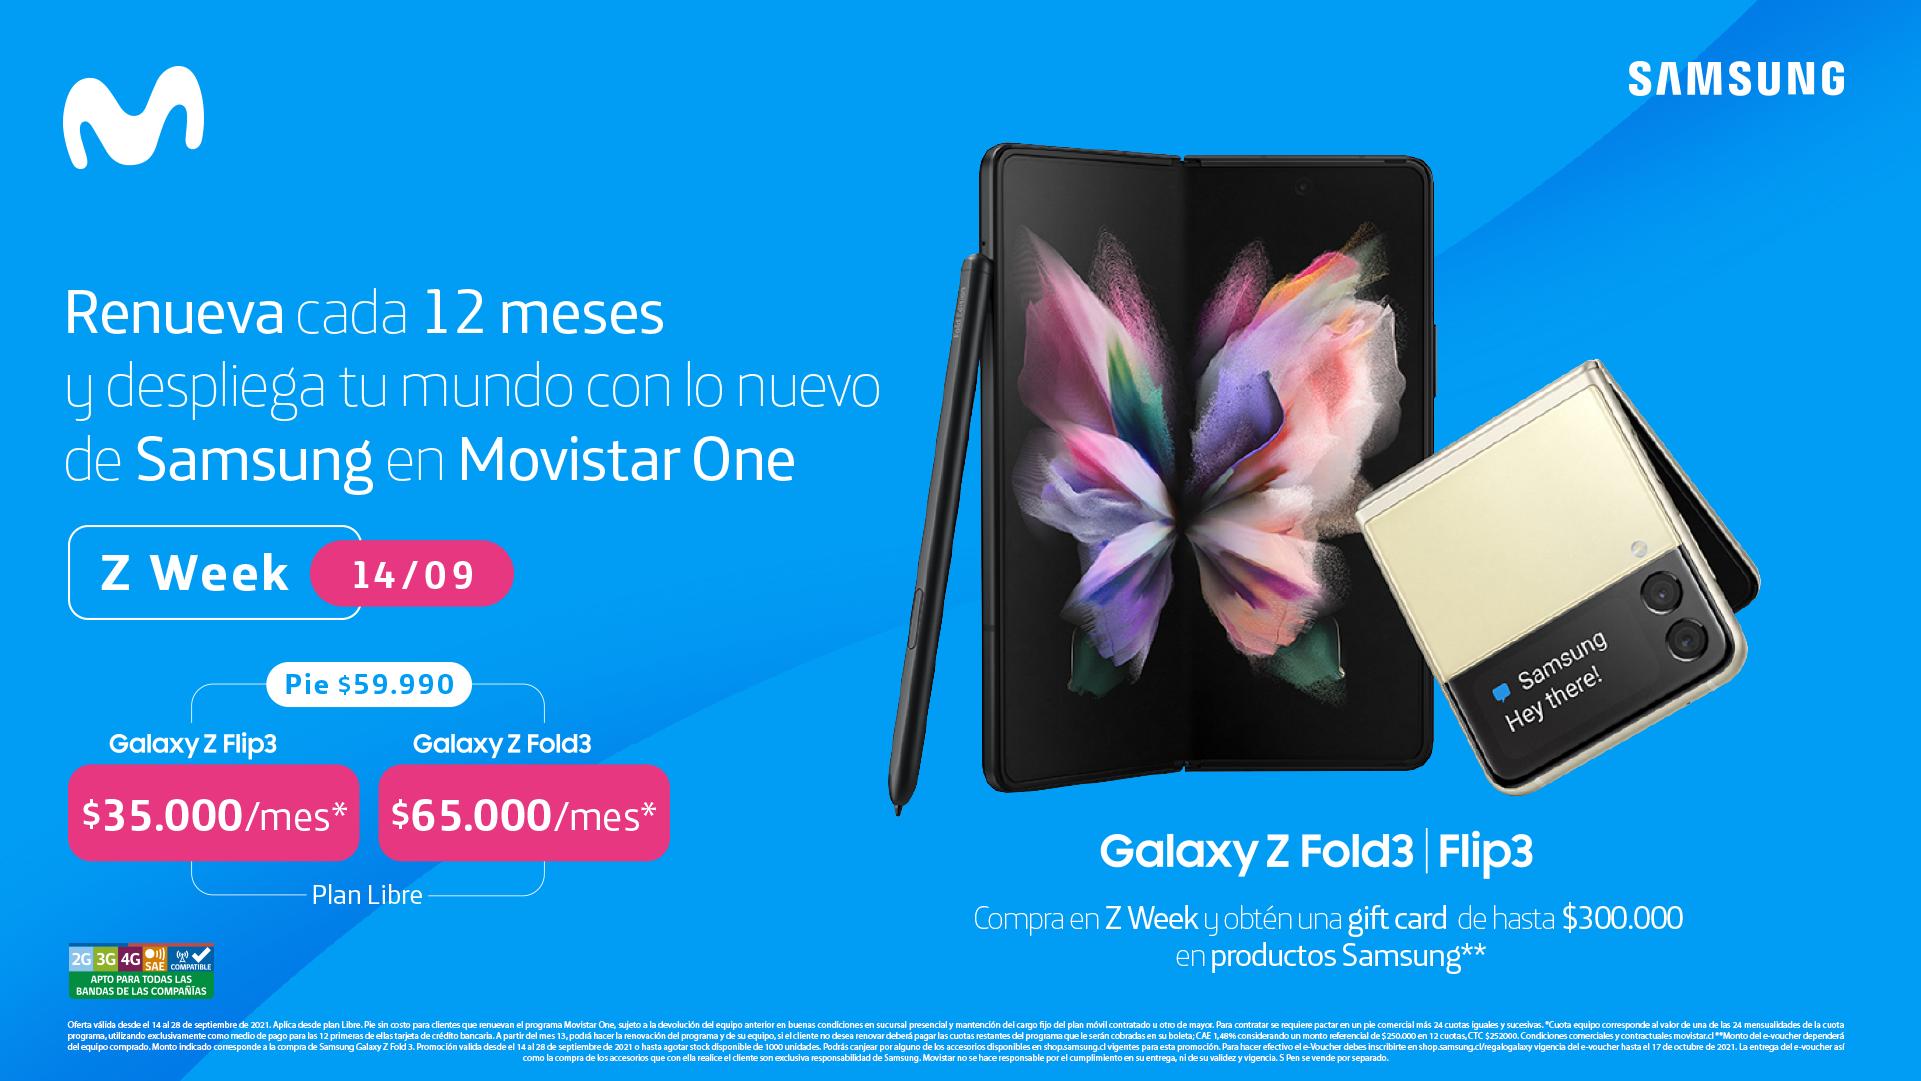 Movistar Chile ya tiene disponible lo último en plegables de Samsung: el Galaxy Z Fold3 5G y Galaxy Z Flip3 5G